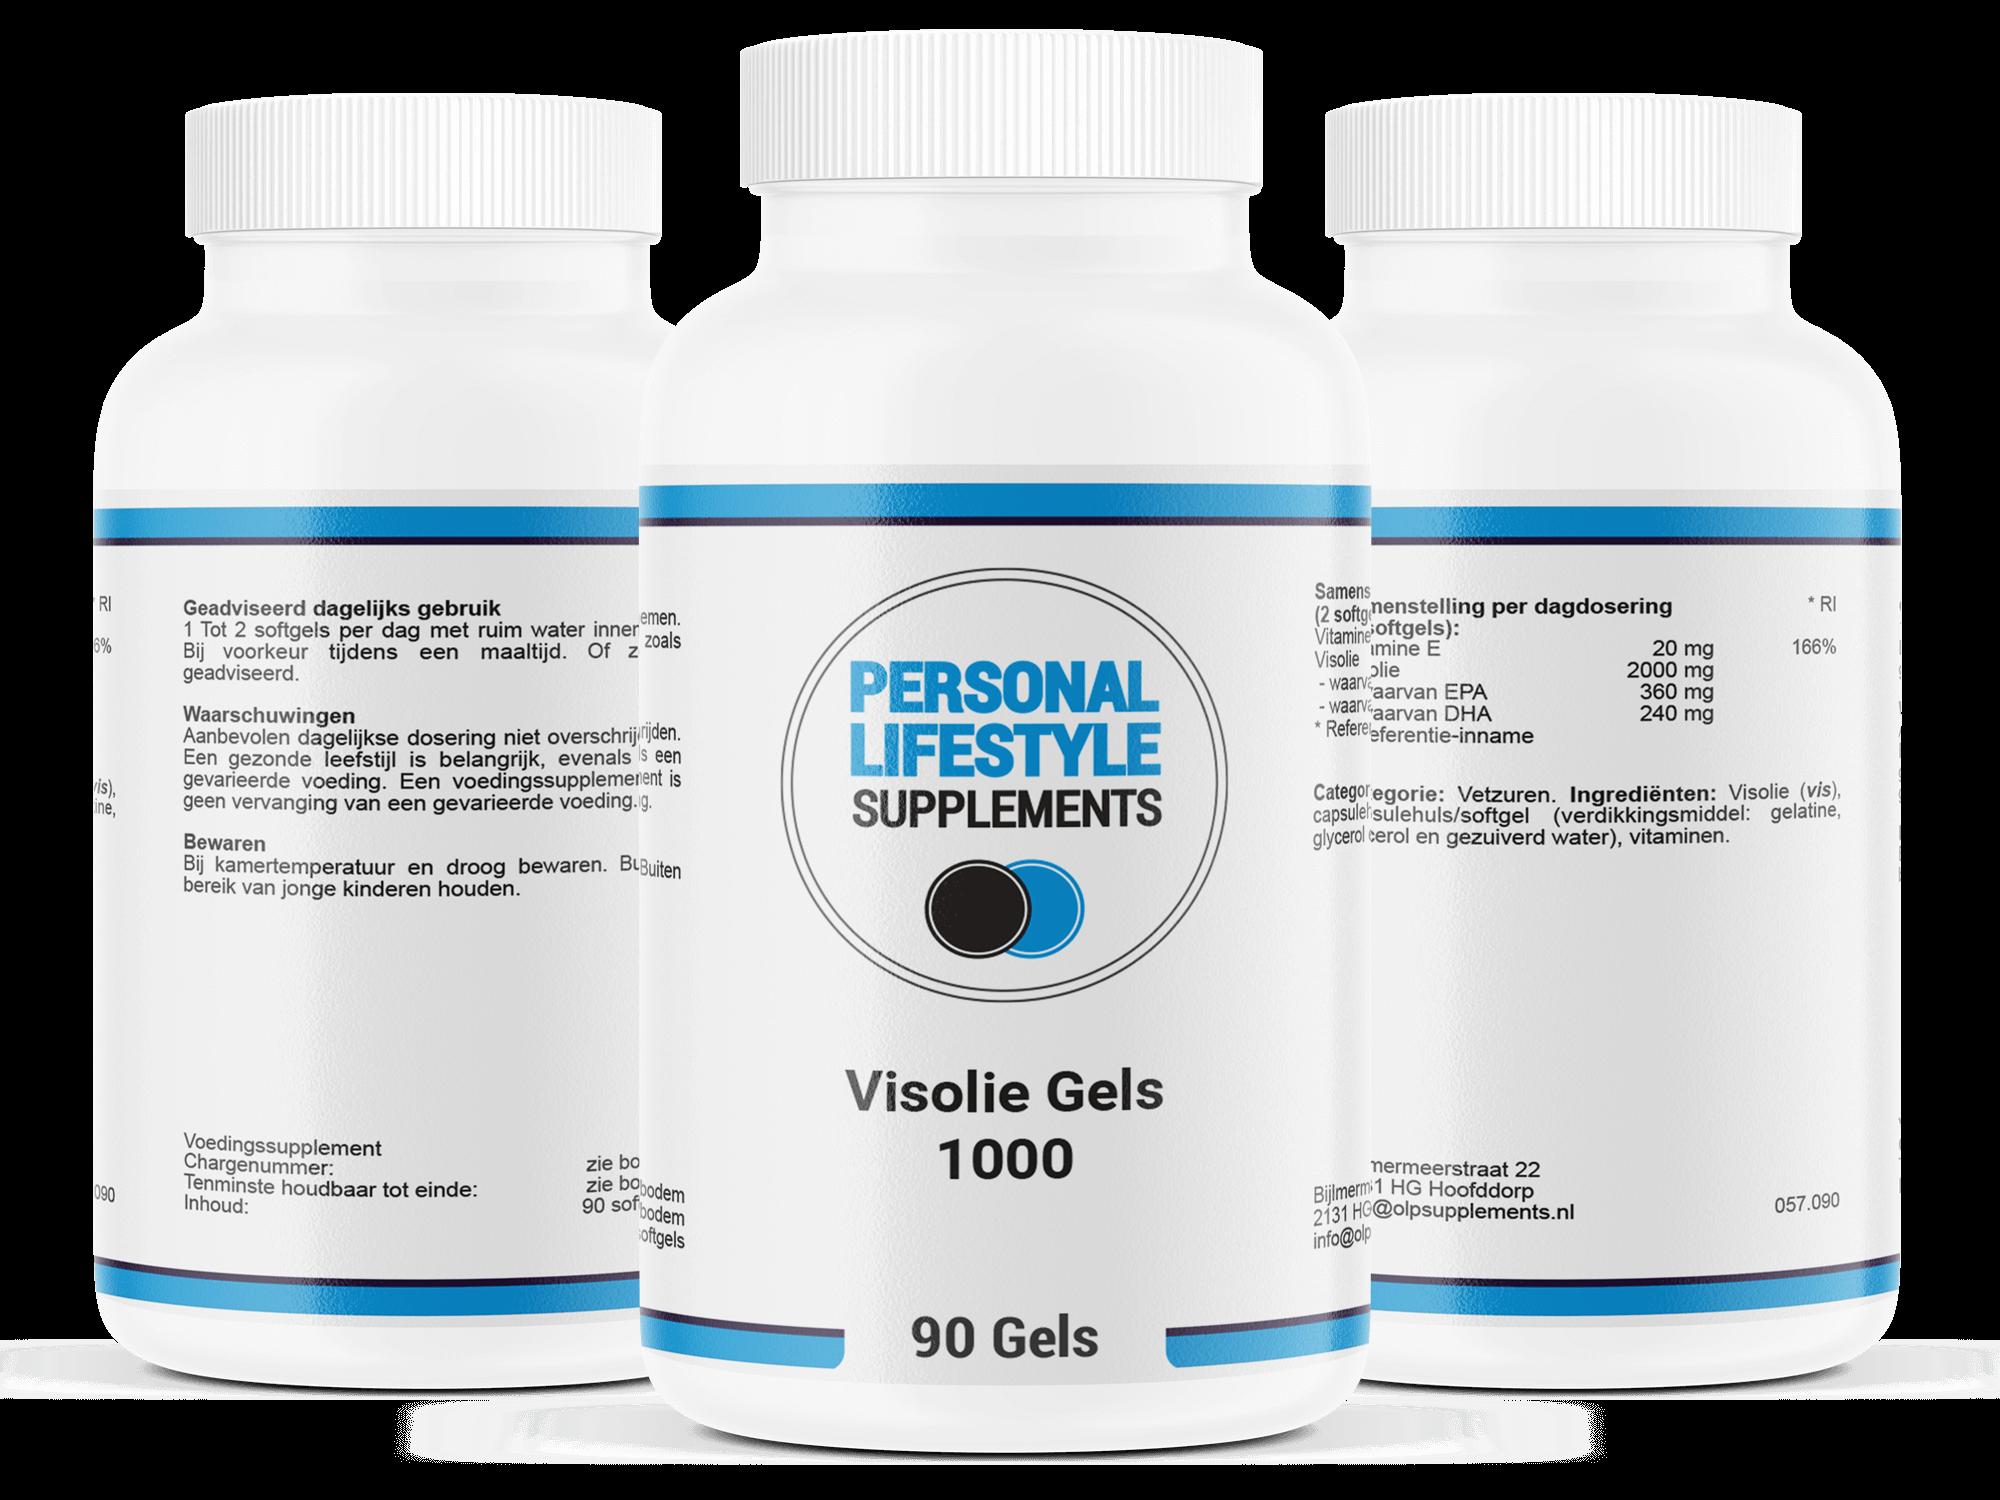 Visolie-capsules-supplement-meervoudige-onverzadigde-vetzuren-EPA-en-DHA-omega-3-visvetzuren-positief-voor-hart-en-hersenen-geheugenfunctie-en-gezichtsvermogen